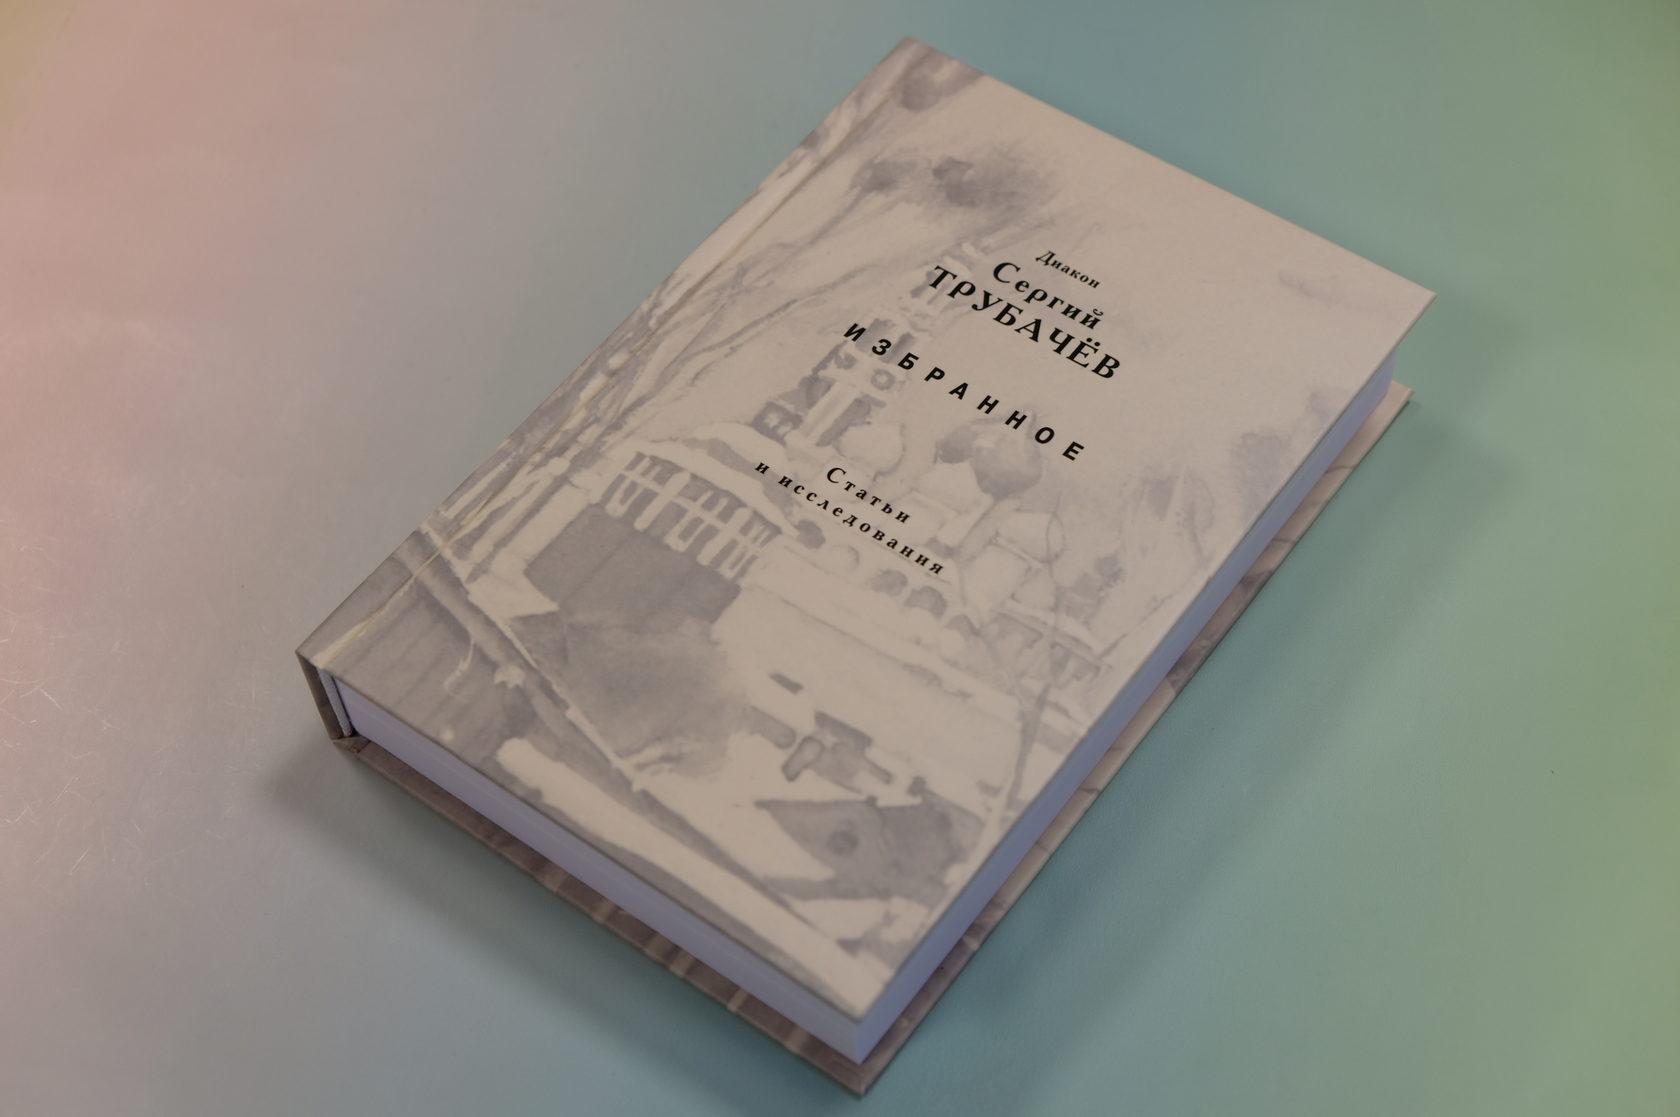 Диакон Сергий Трубачев «Избранное. Статьи и исследования» 978-5-7533-1493-2